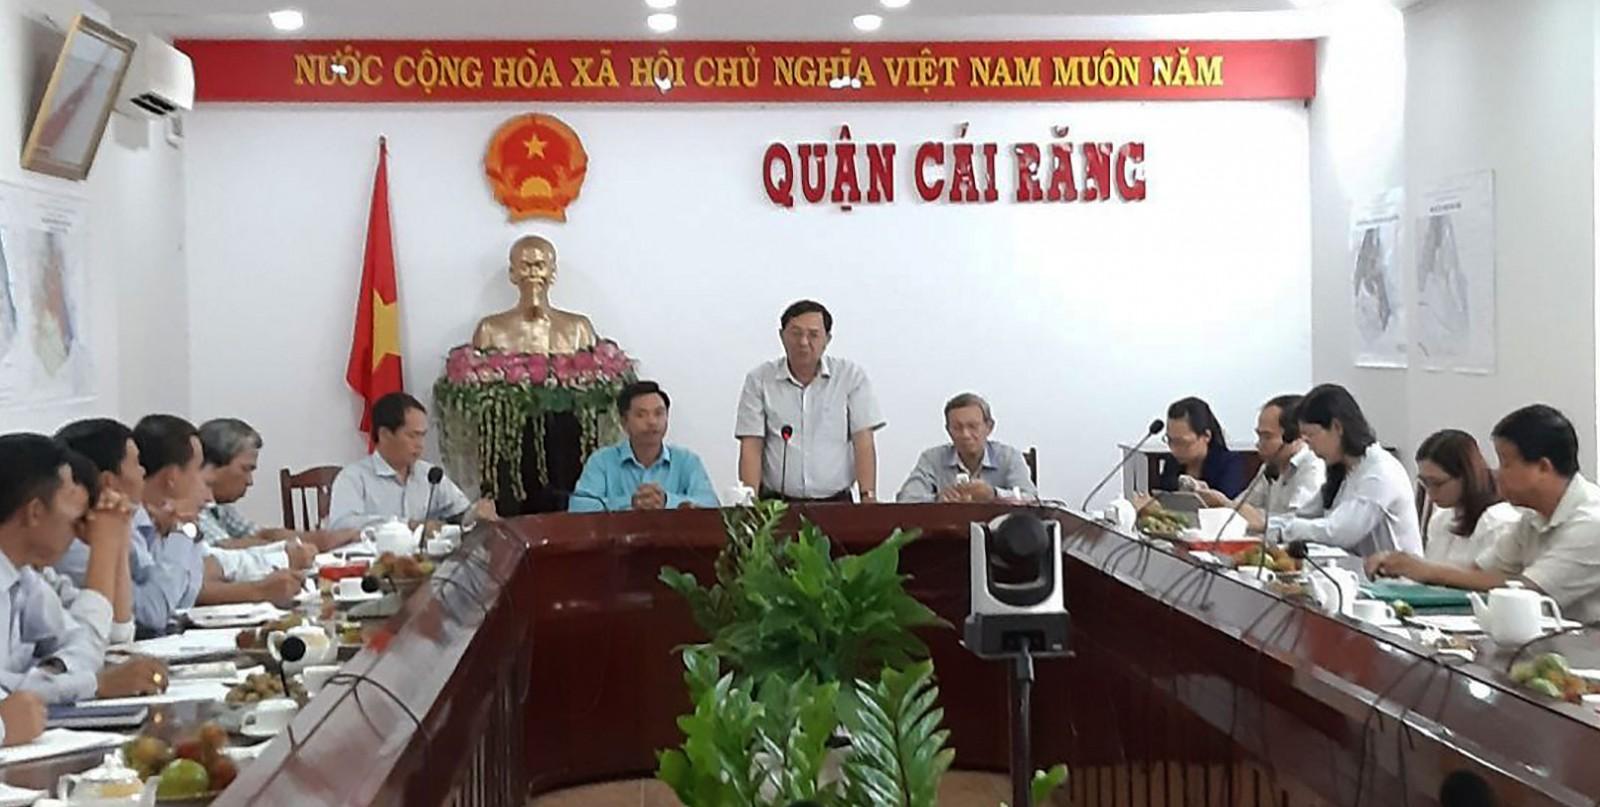 Đoàn kiểm tra công tác cải cách hành chính làm việc tại UBND quận Cái Răng.